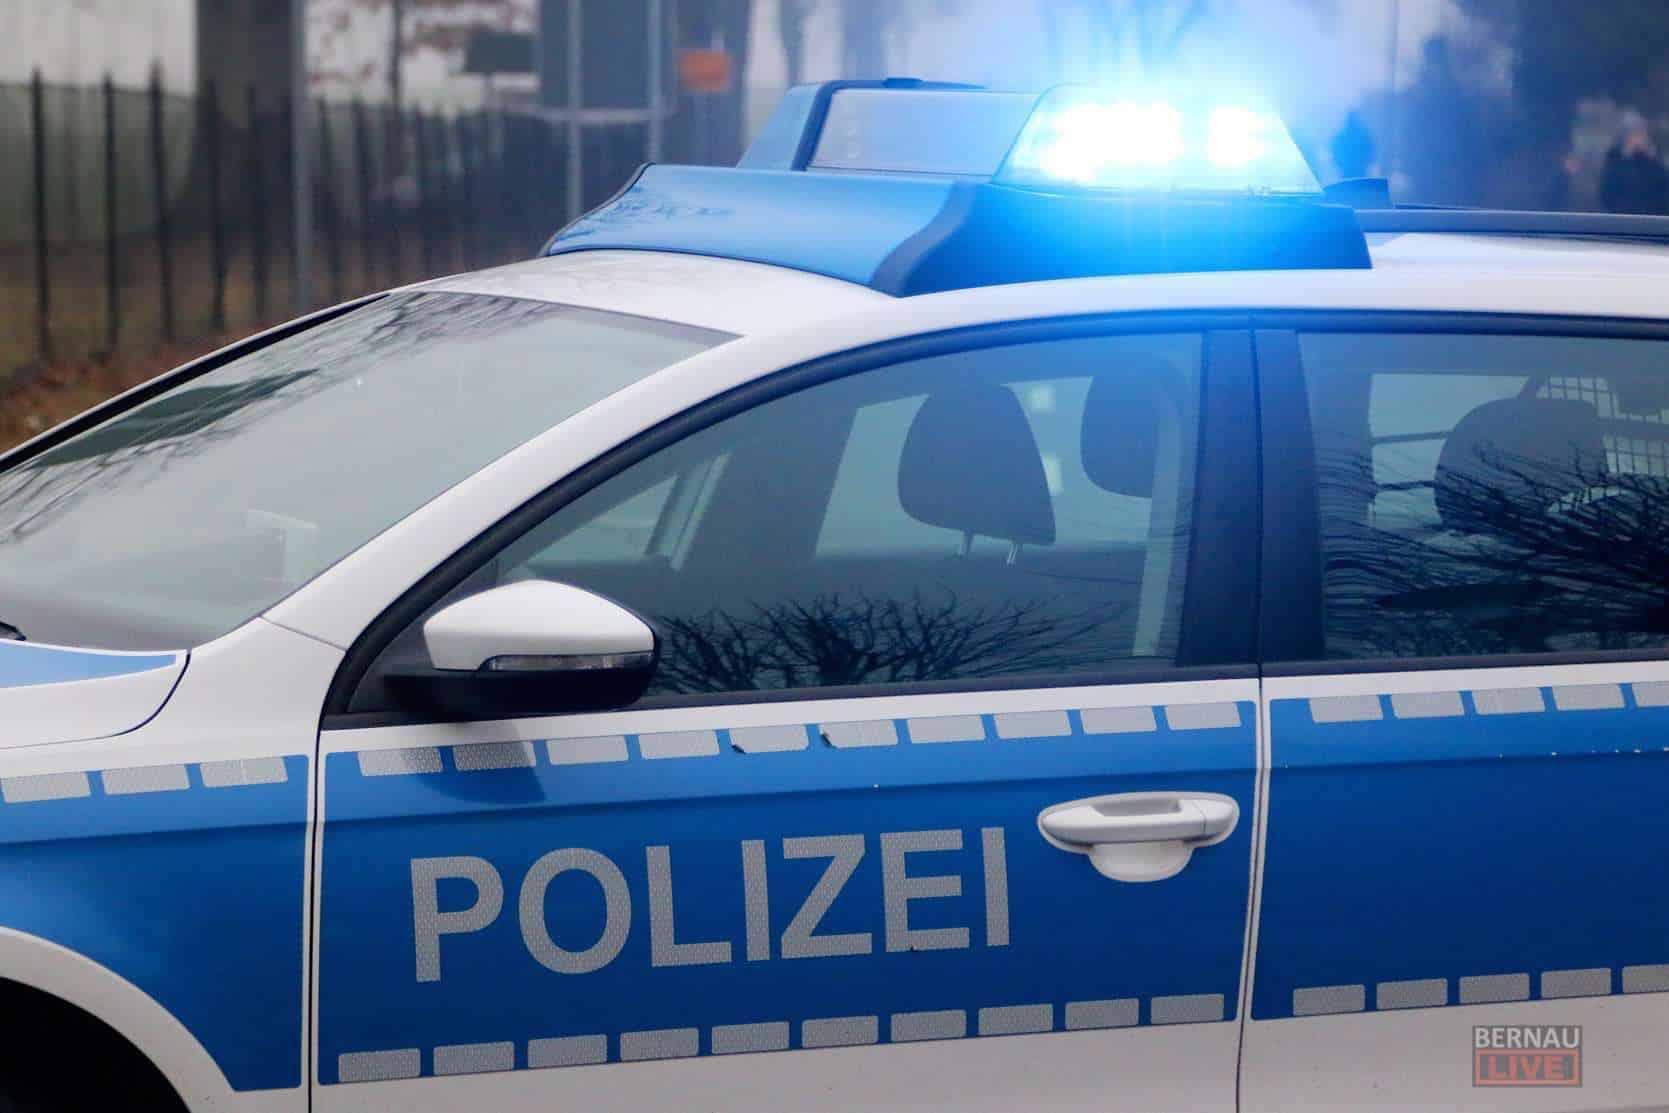 Polizei Barnim Bab11 Fahrer Verlor Holzstämme Und Weitere Meldungen